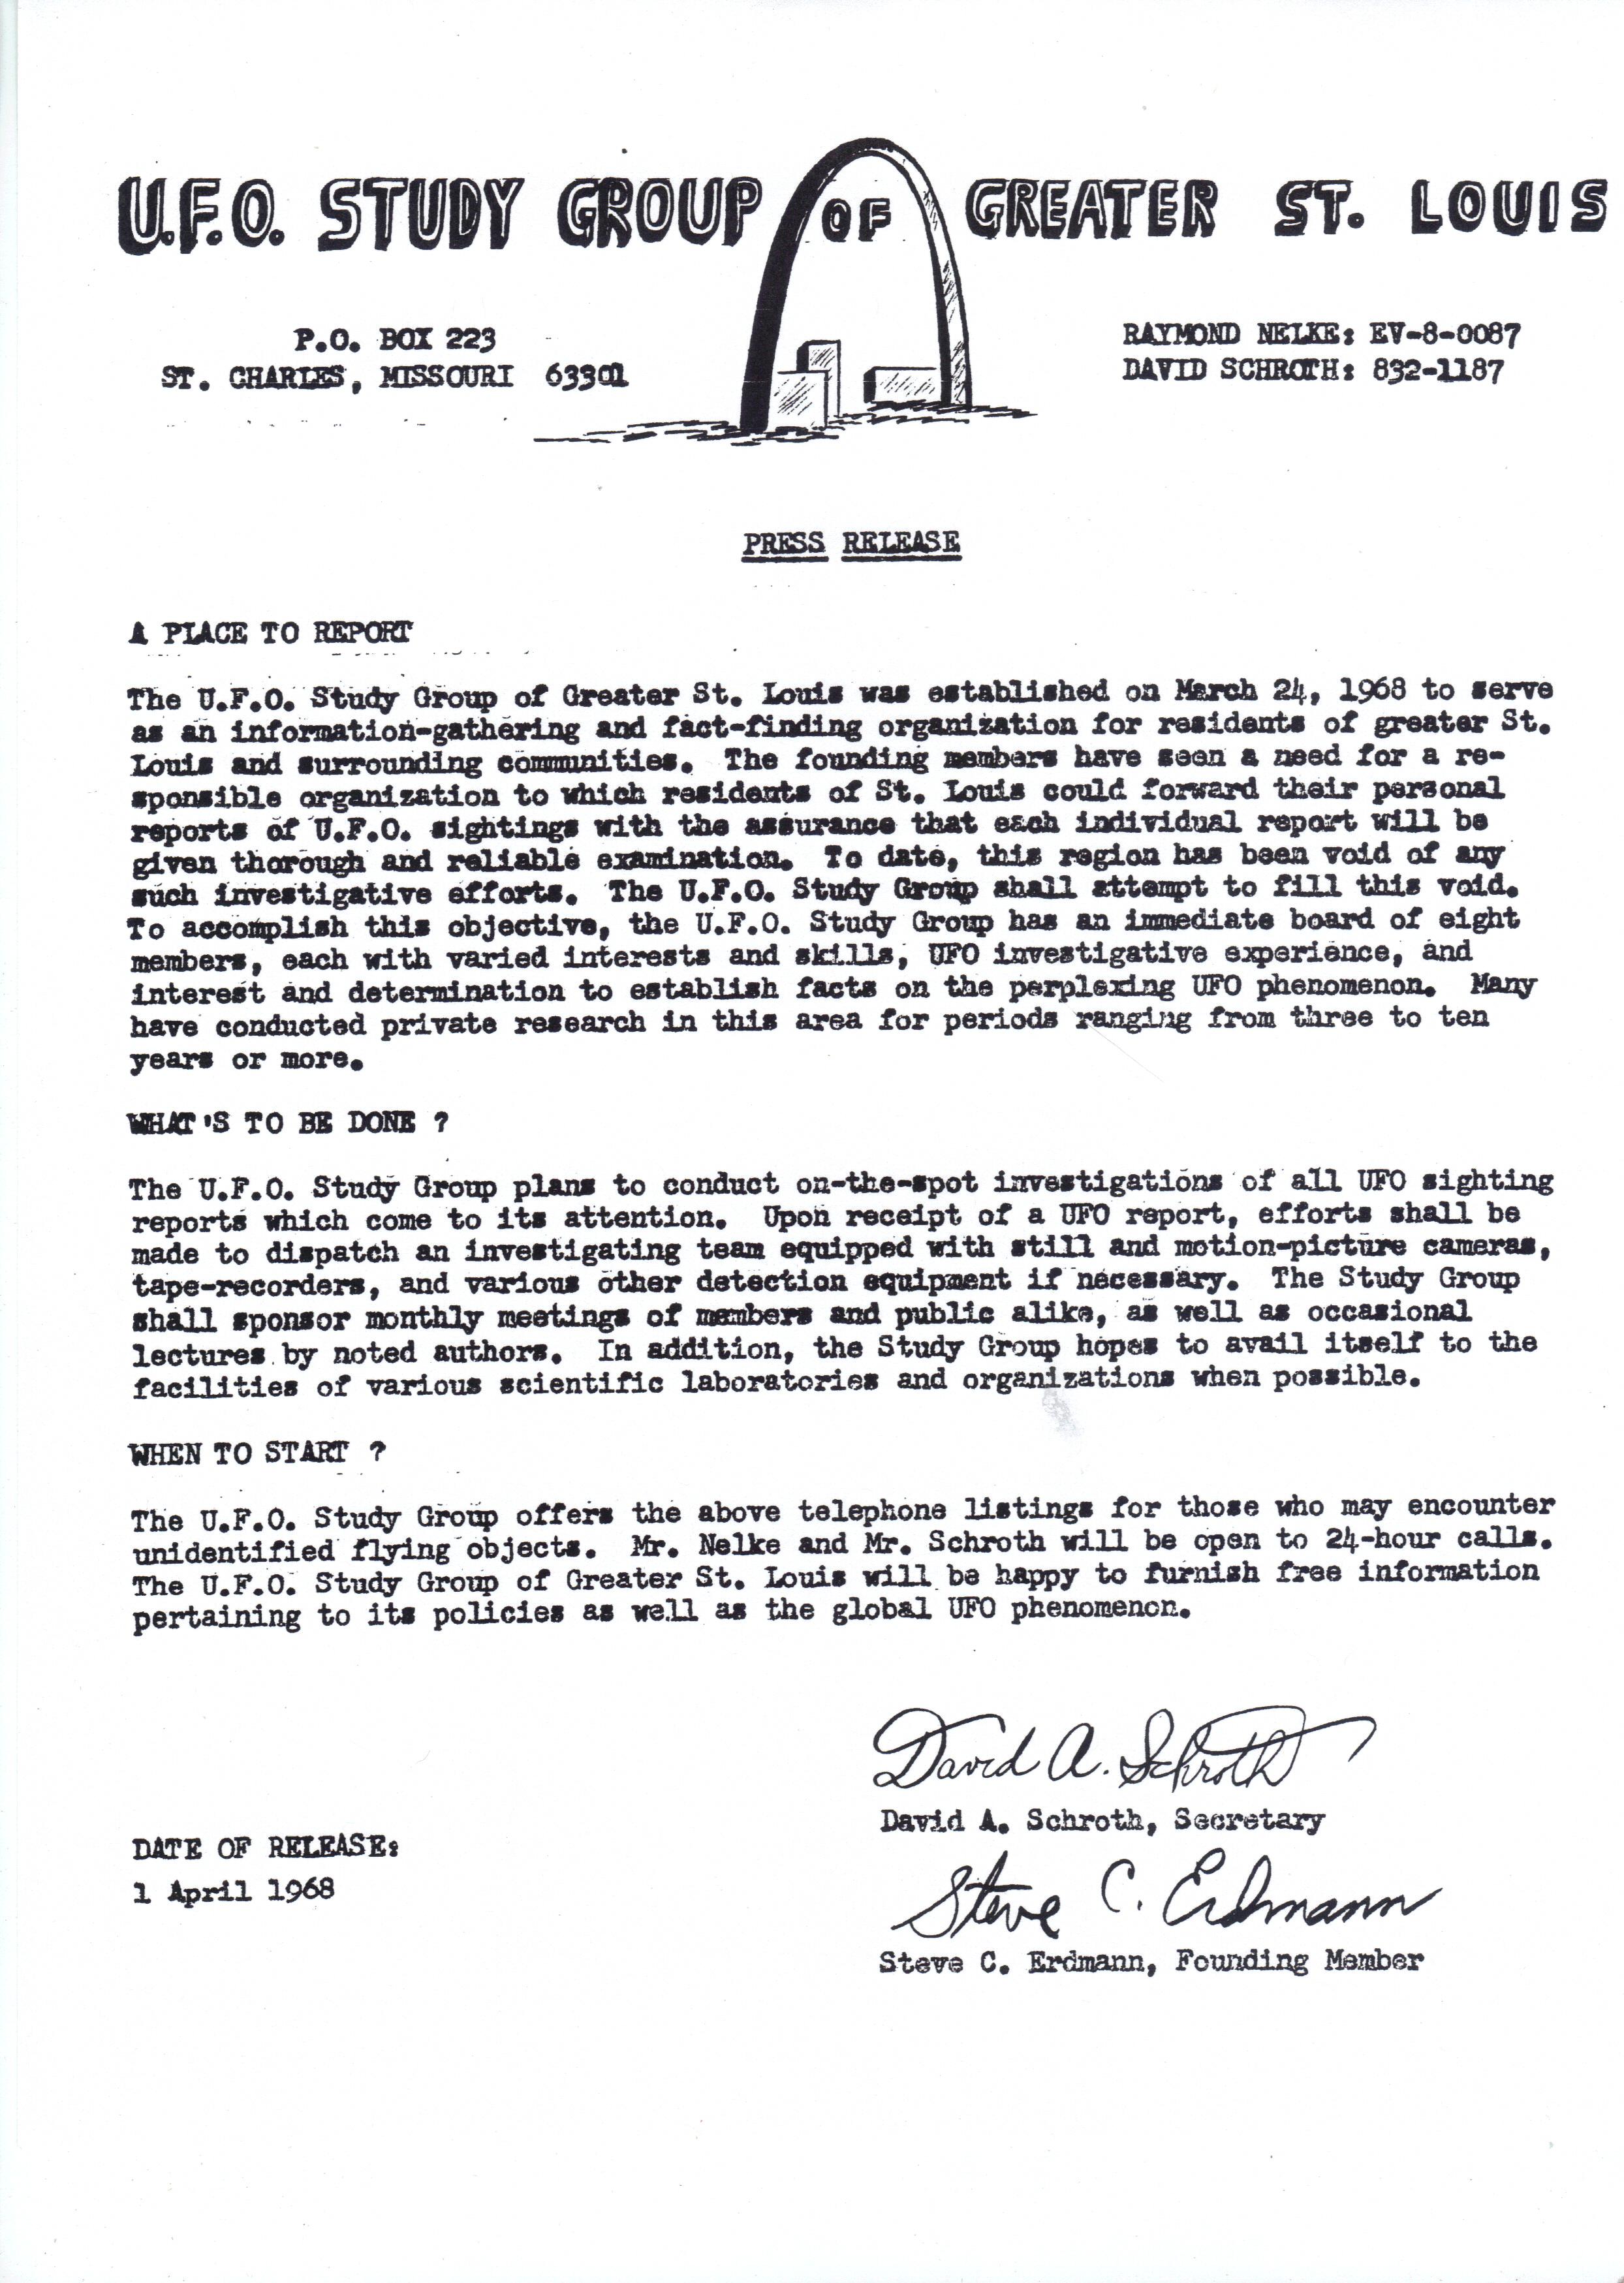 April 1968 Press Sheet 5-1-2017 7;26;46 PM